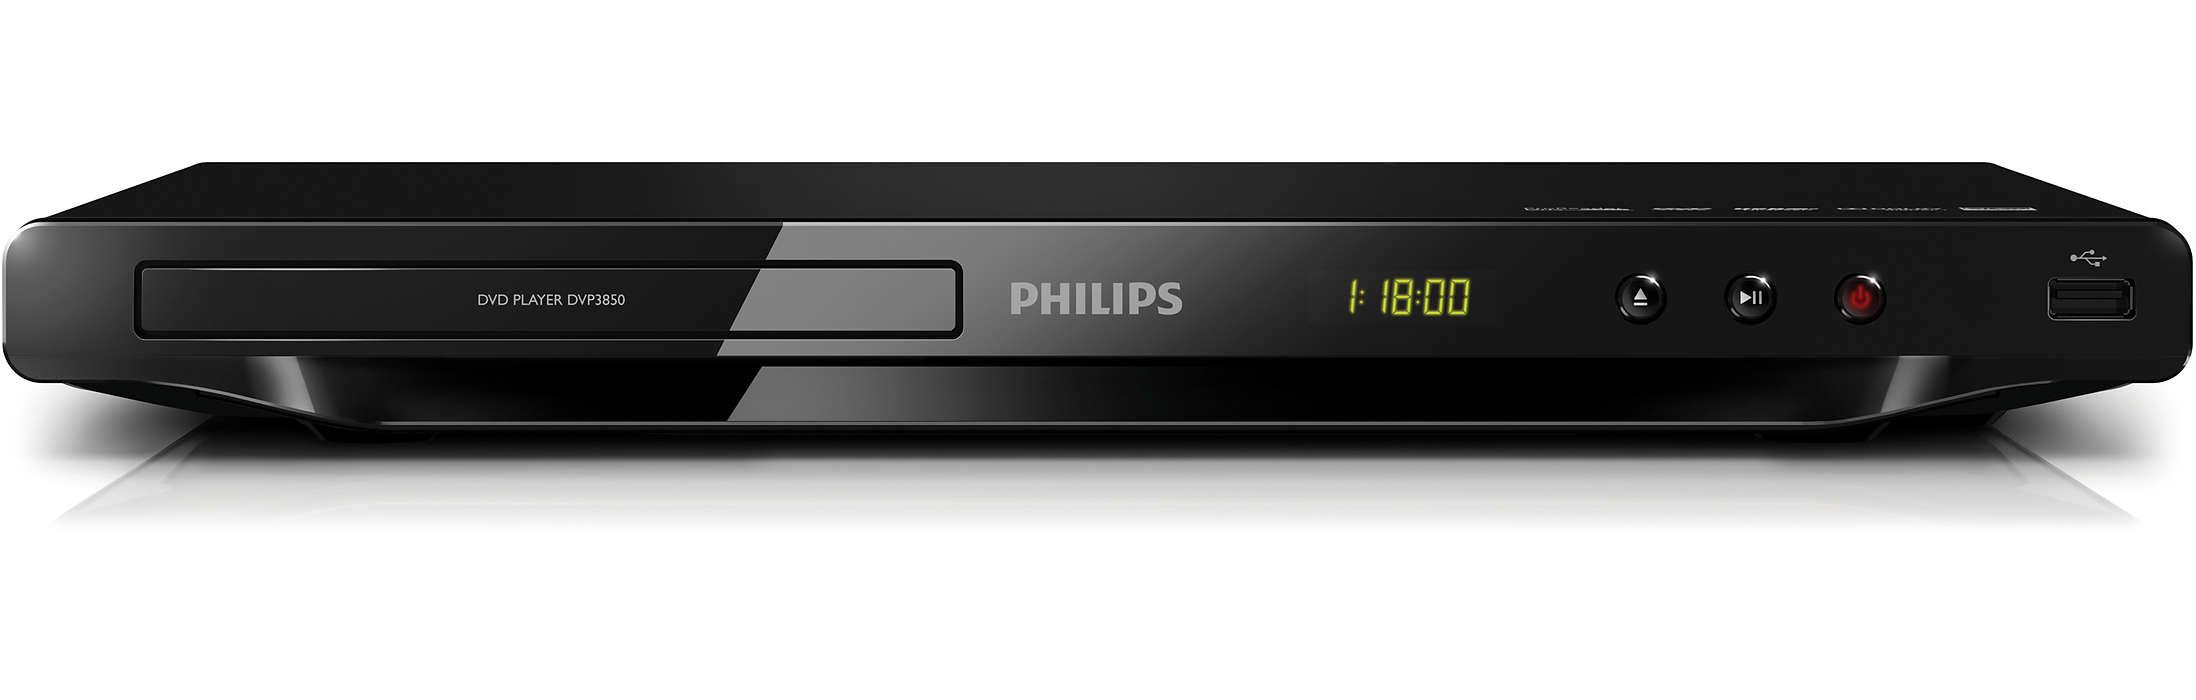 Divertimento multi-supporto: dai DVD ai dispositivi USB